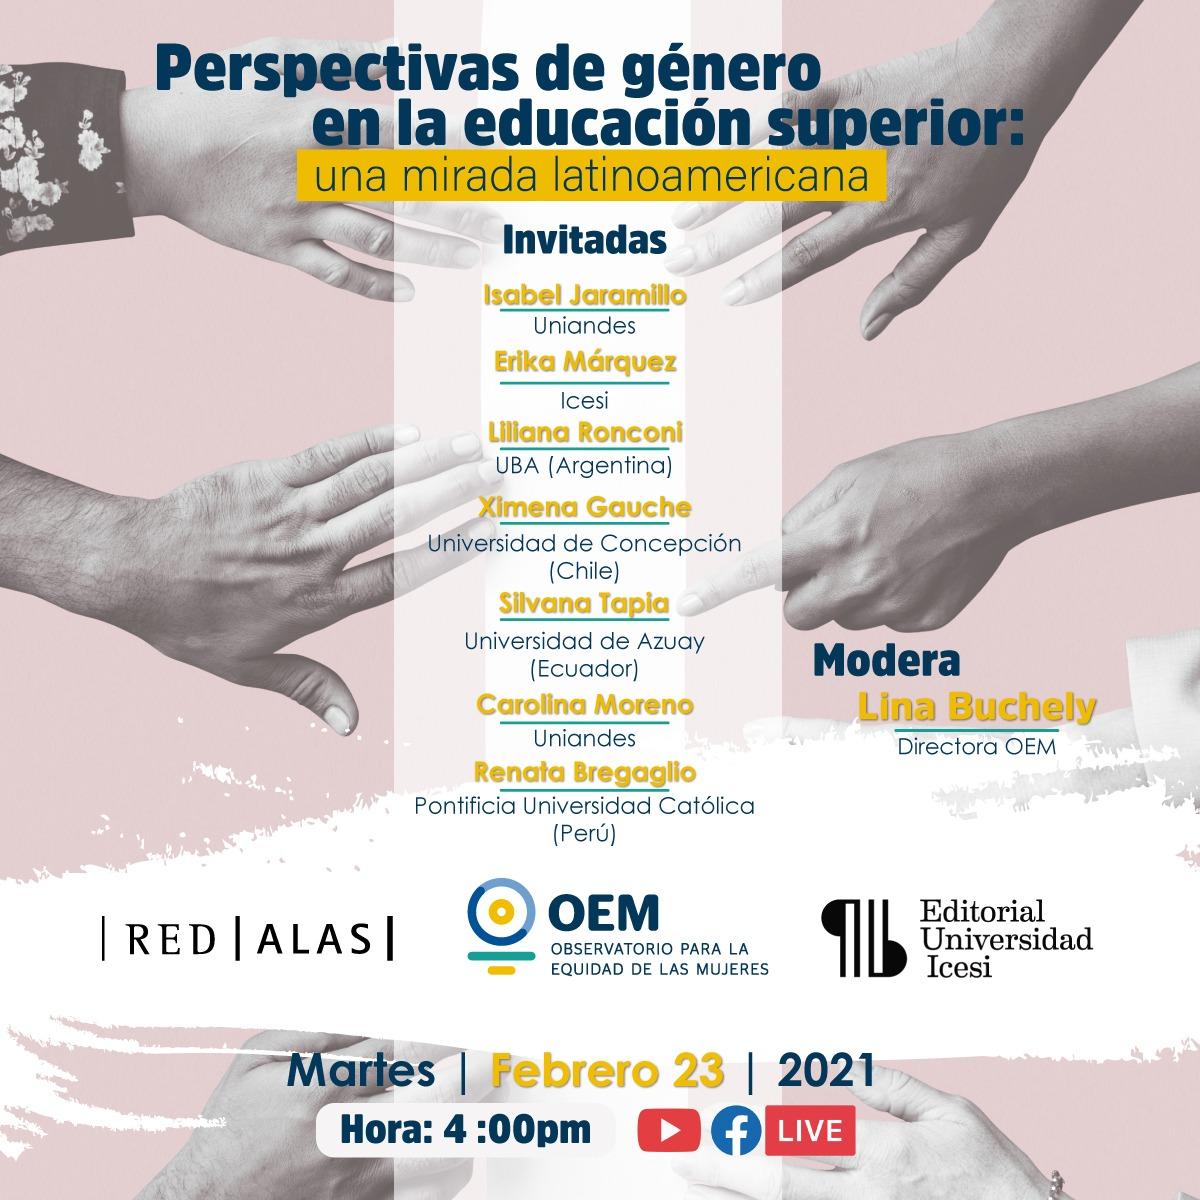 Perspectivas de genero- OEM Observatorio para la equidad de la mujer CALI